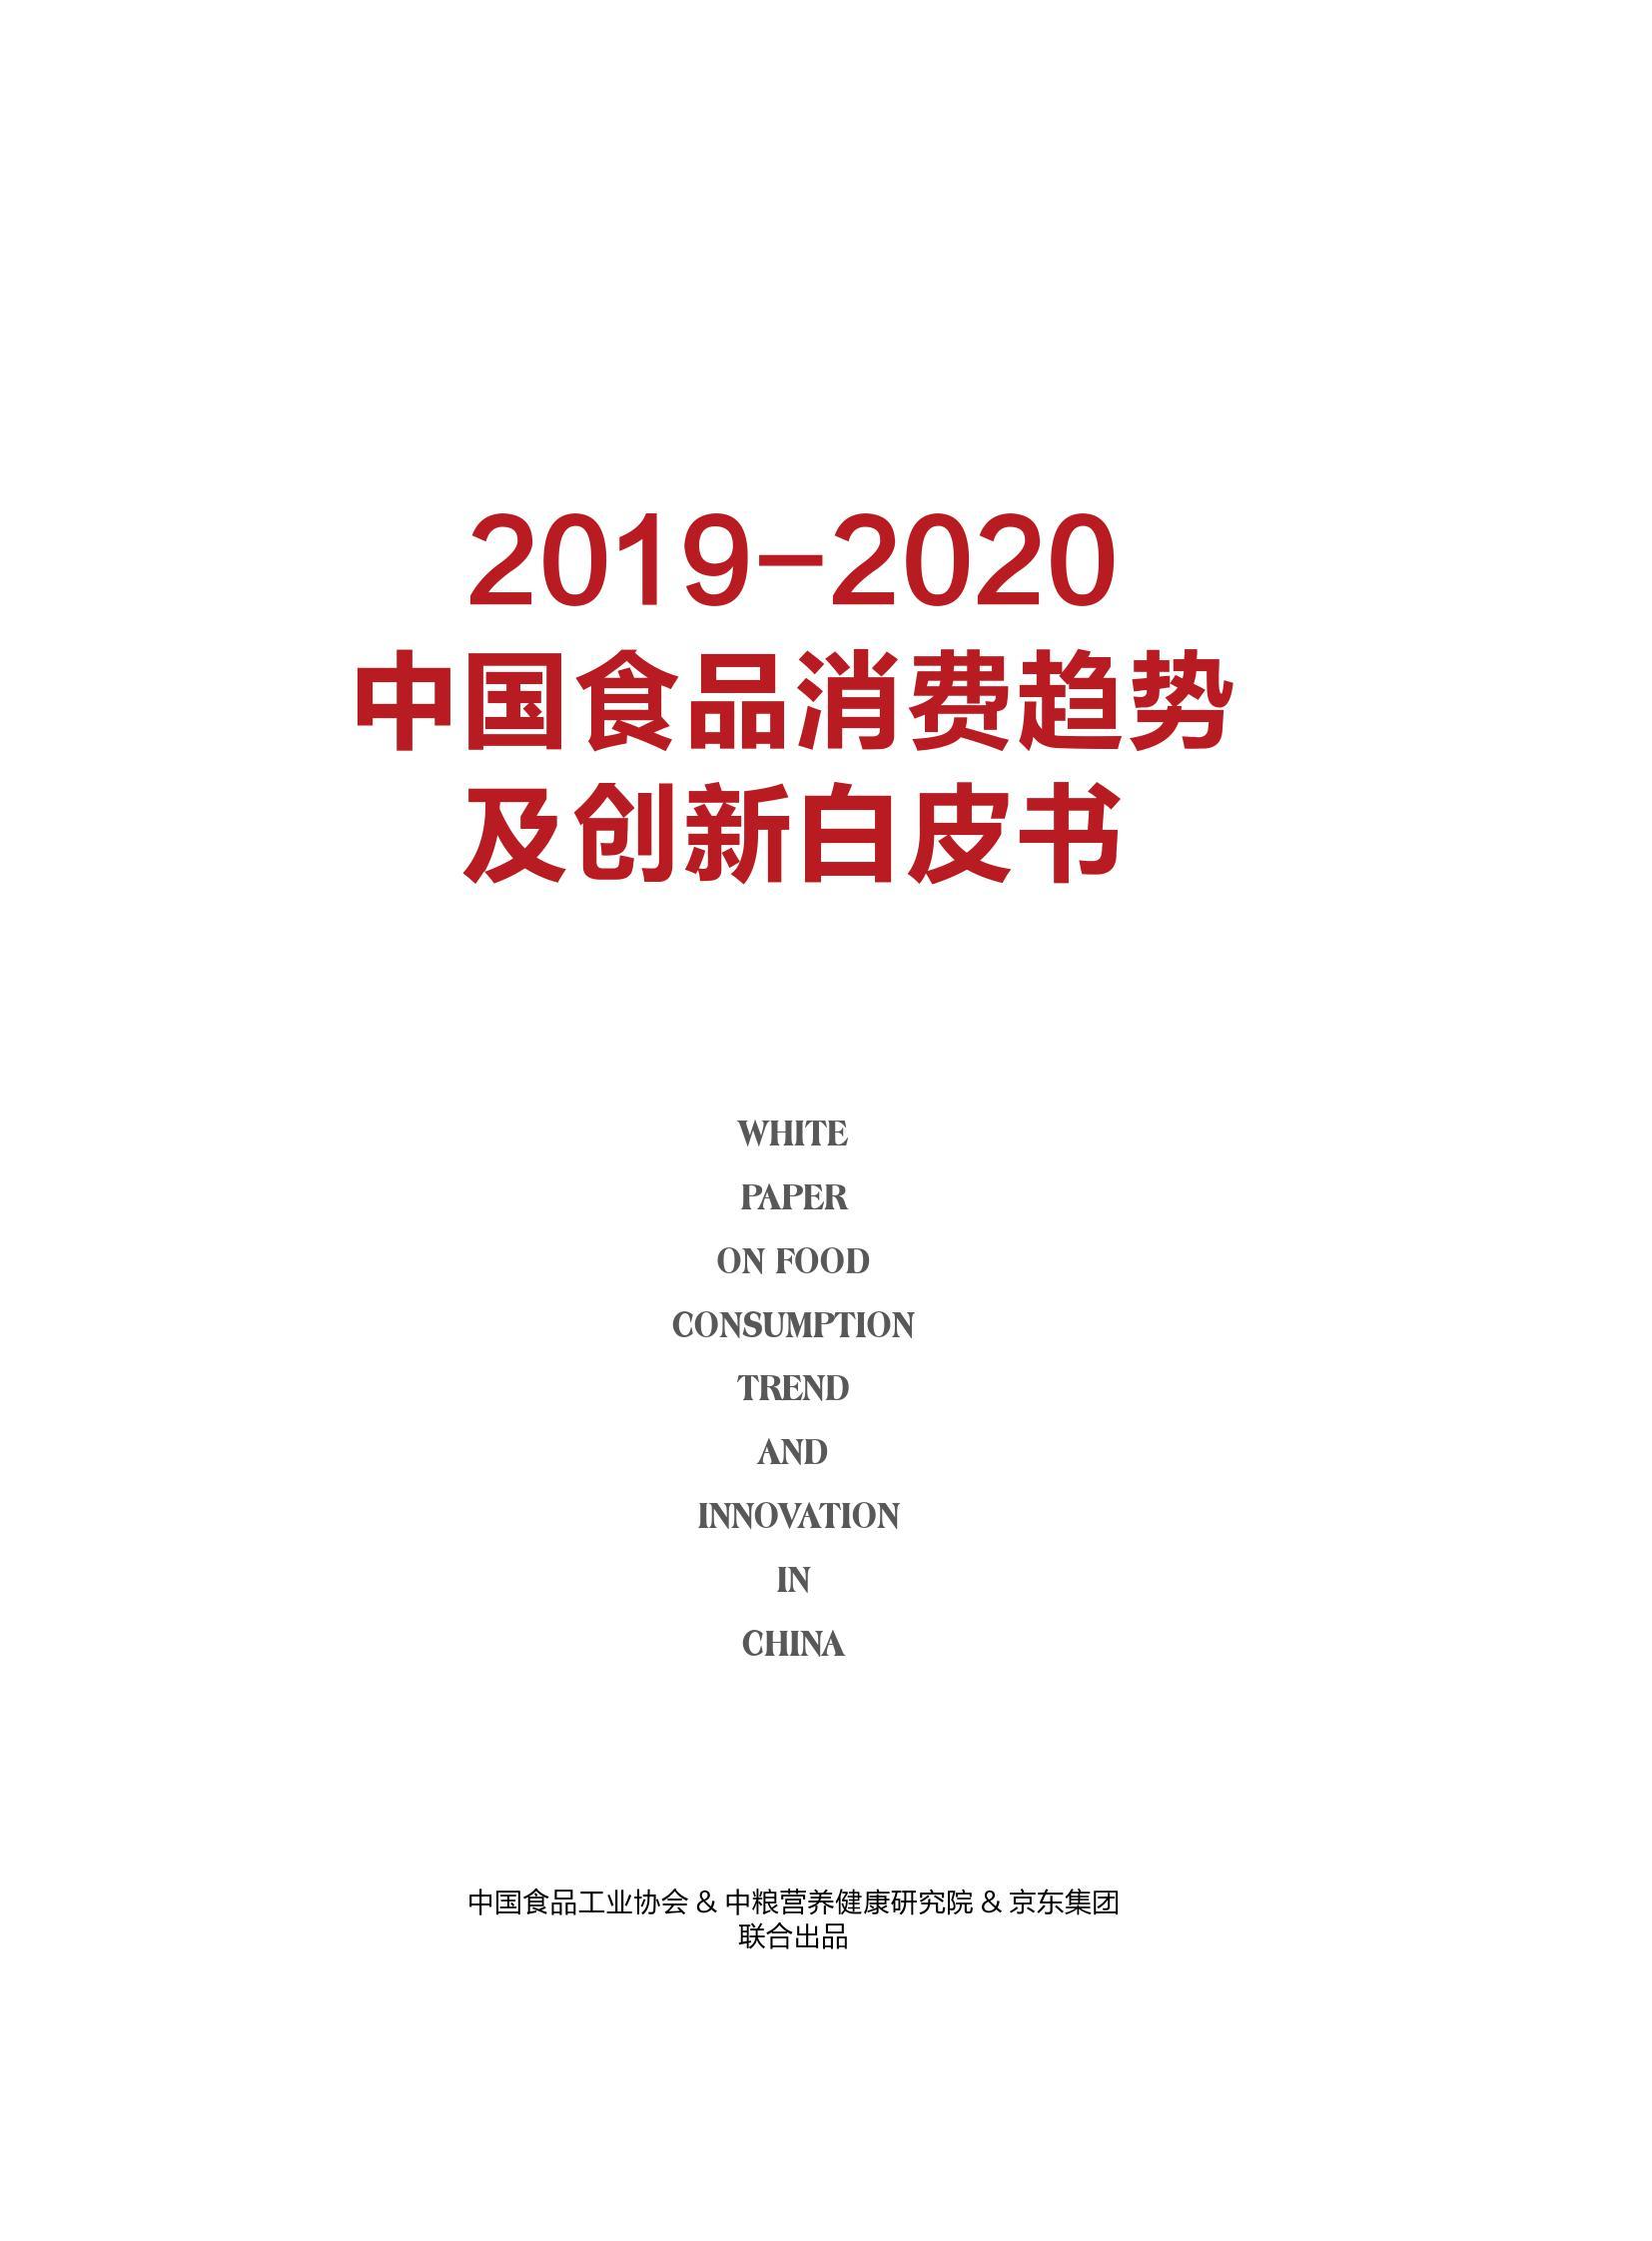 中国食品工业协会:2019-2020中国食品消费趋势和创新白皮书(附下载)